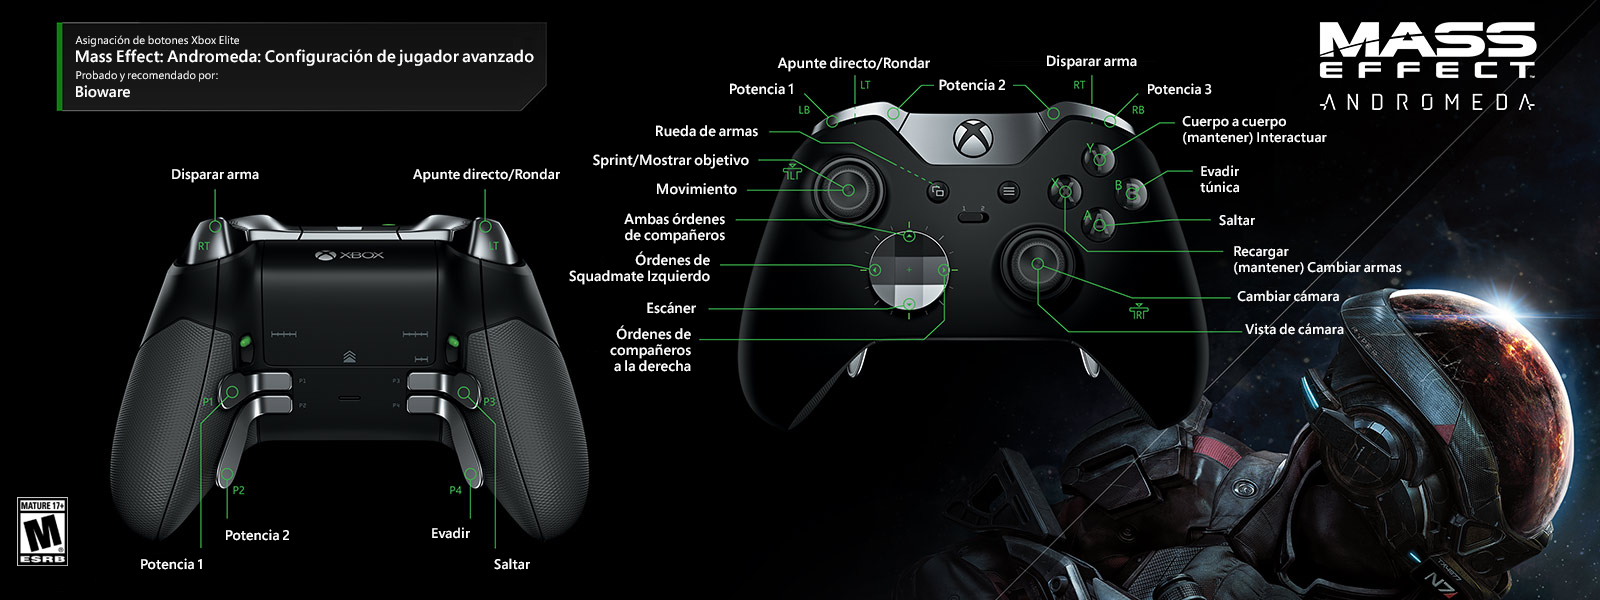 Mass Effect: Andromeda: configuración de jugador avanzado